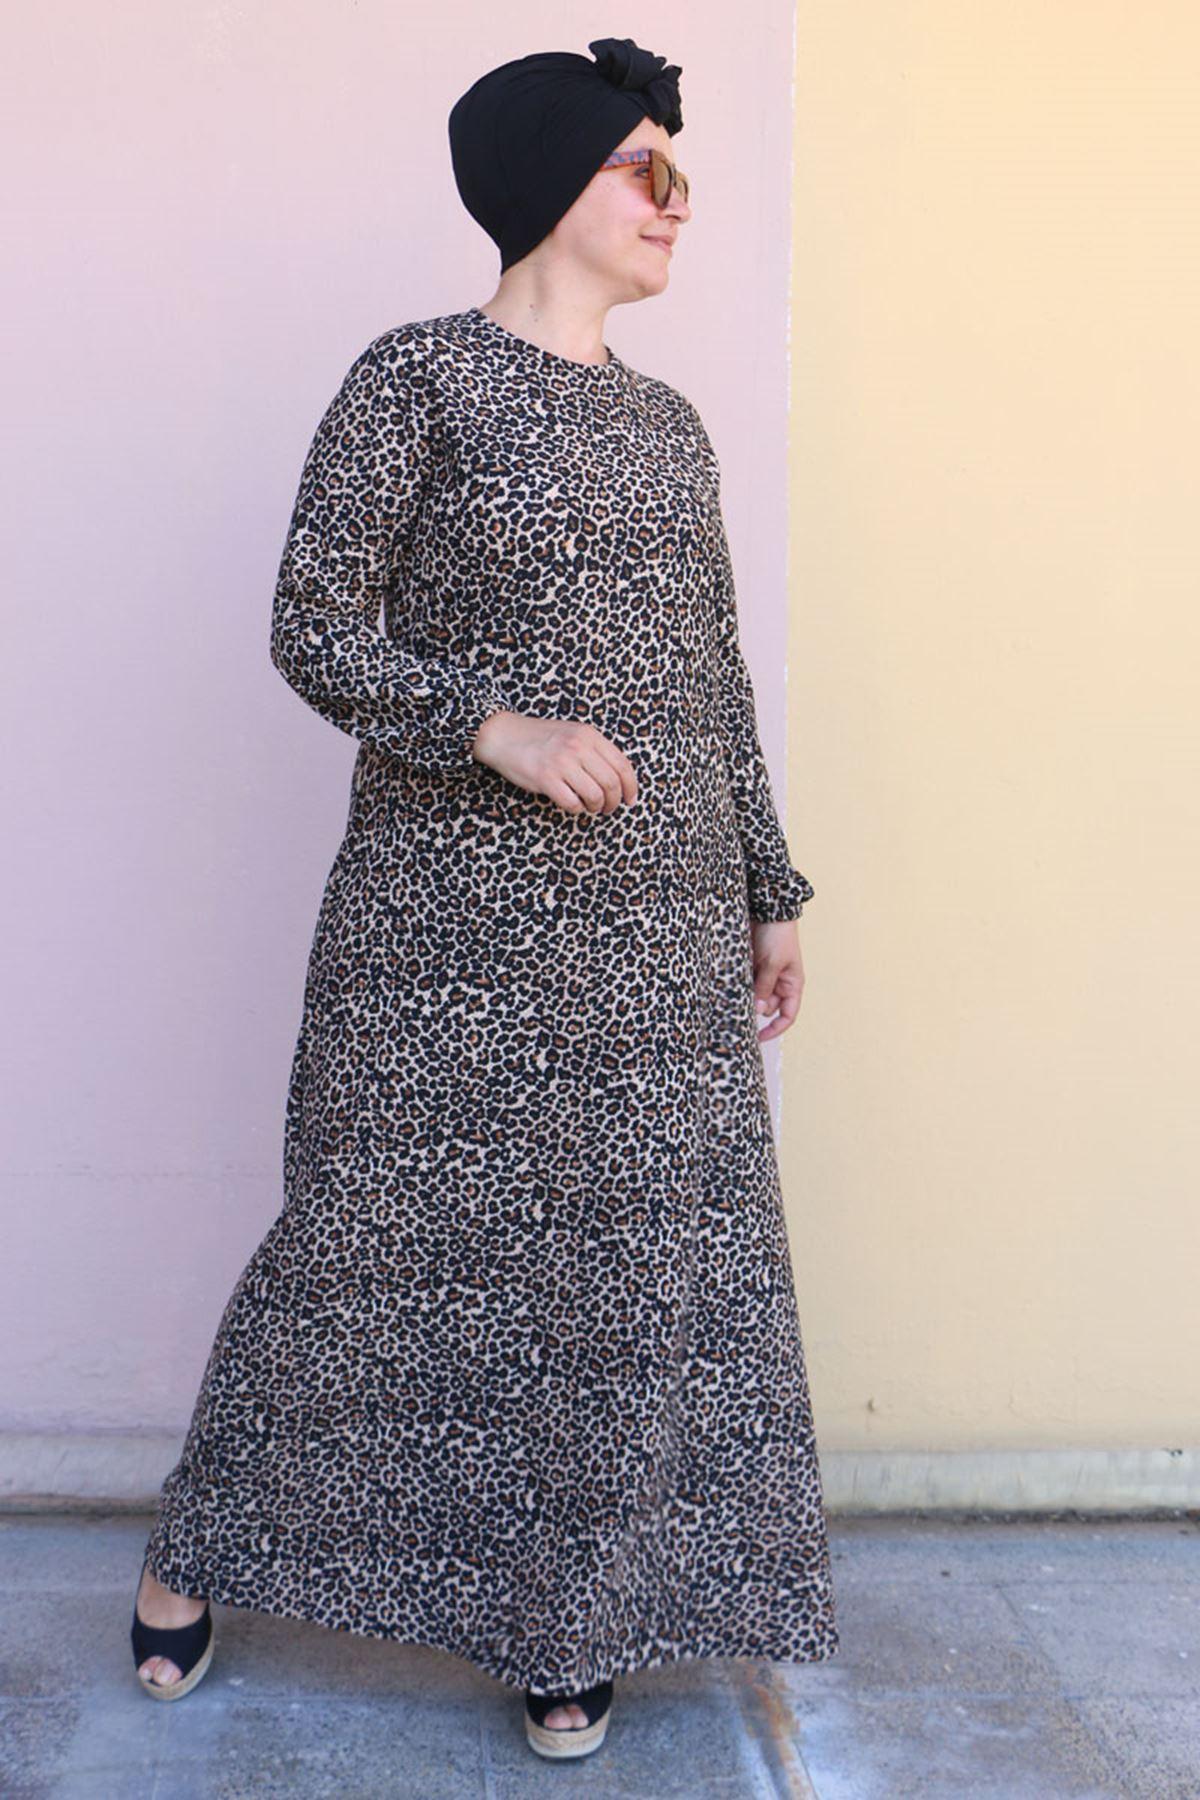 2093 Büyük Beden Örme Krep Kolu Lastikli Elbise - Siyah Leopar